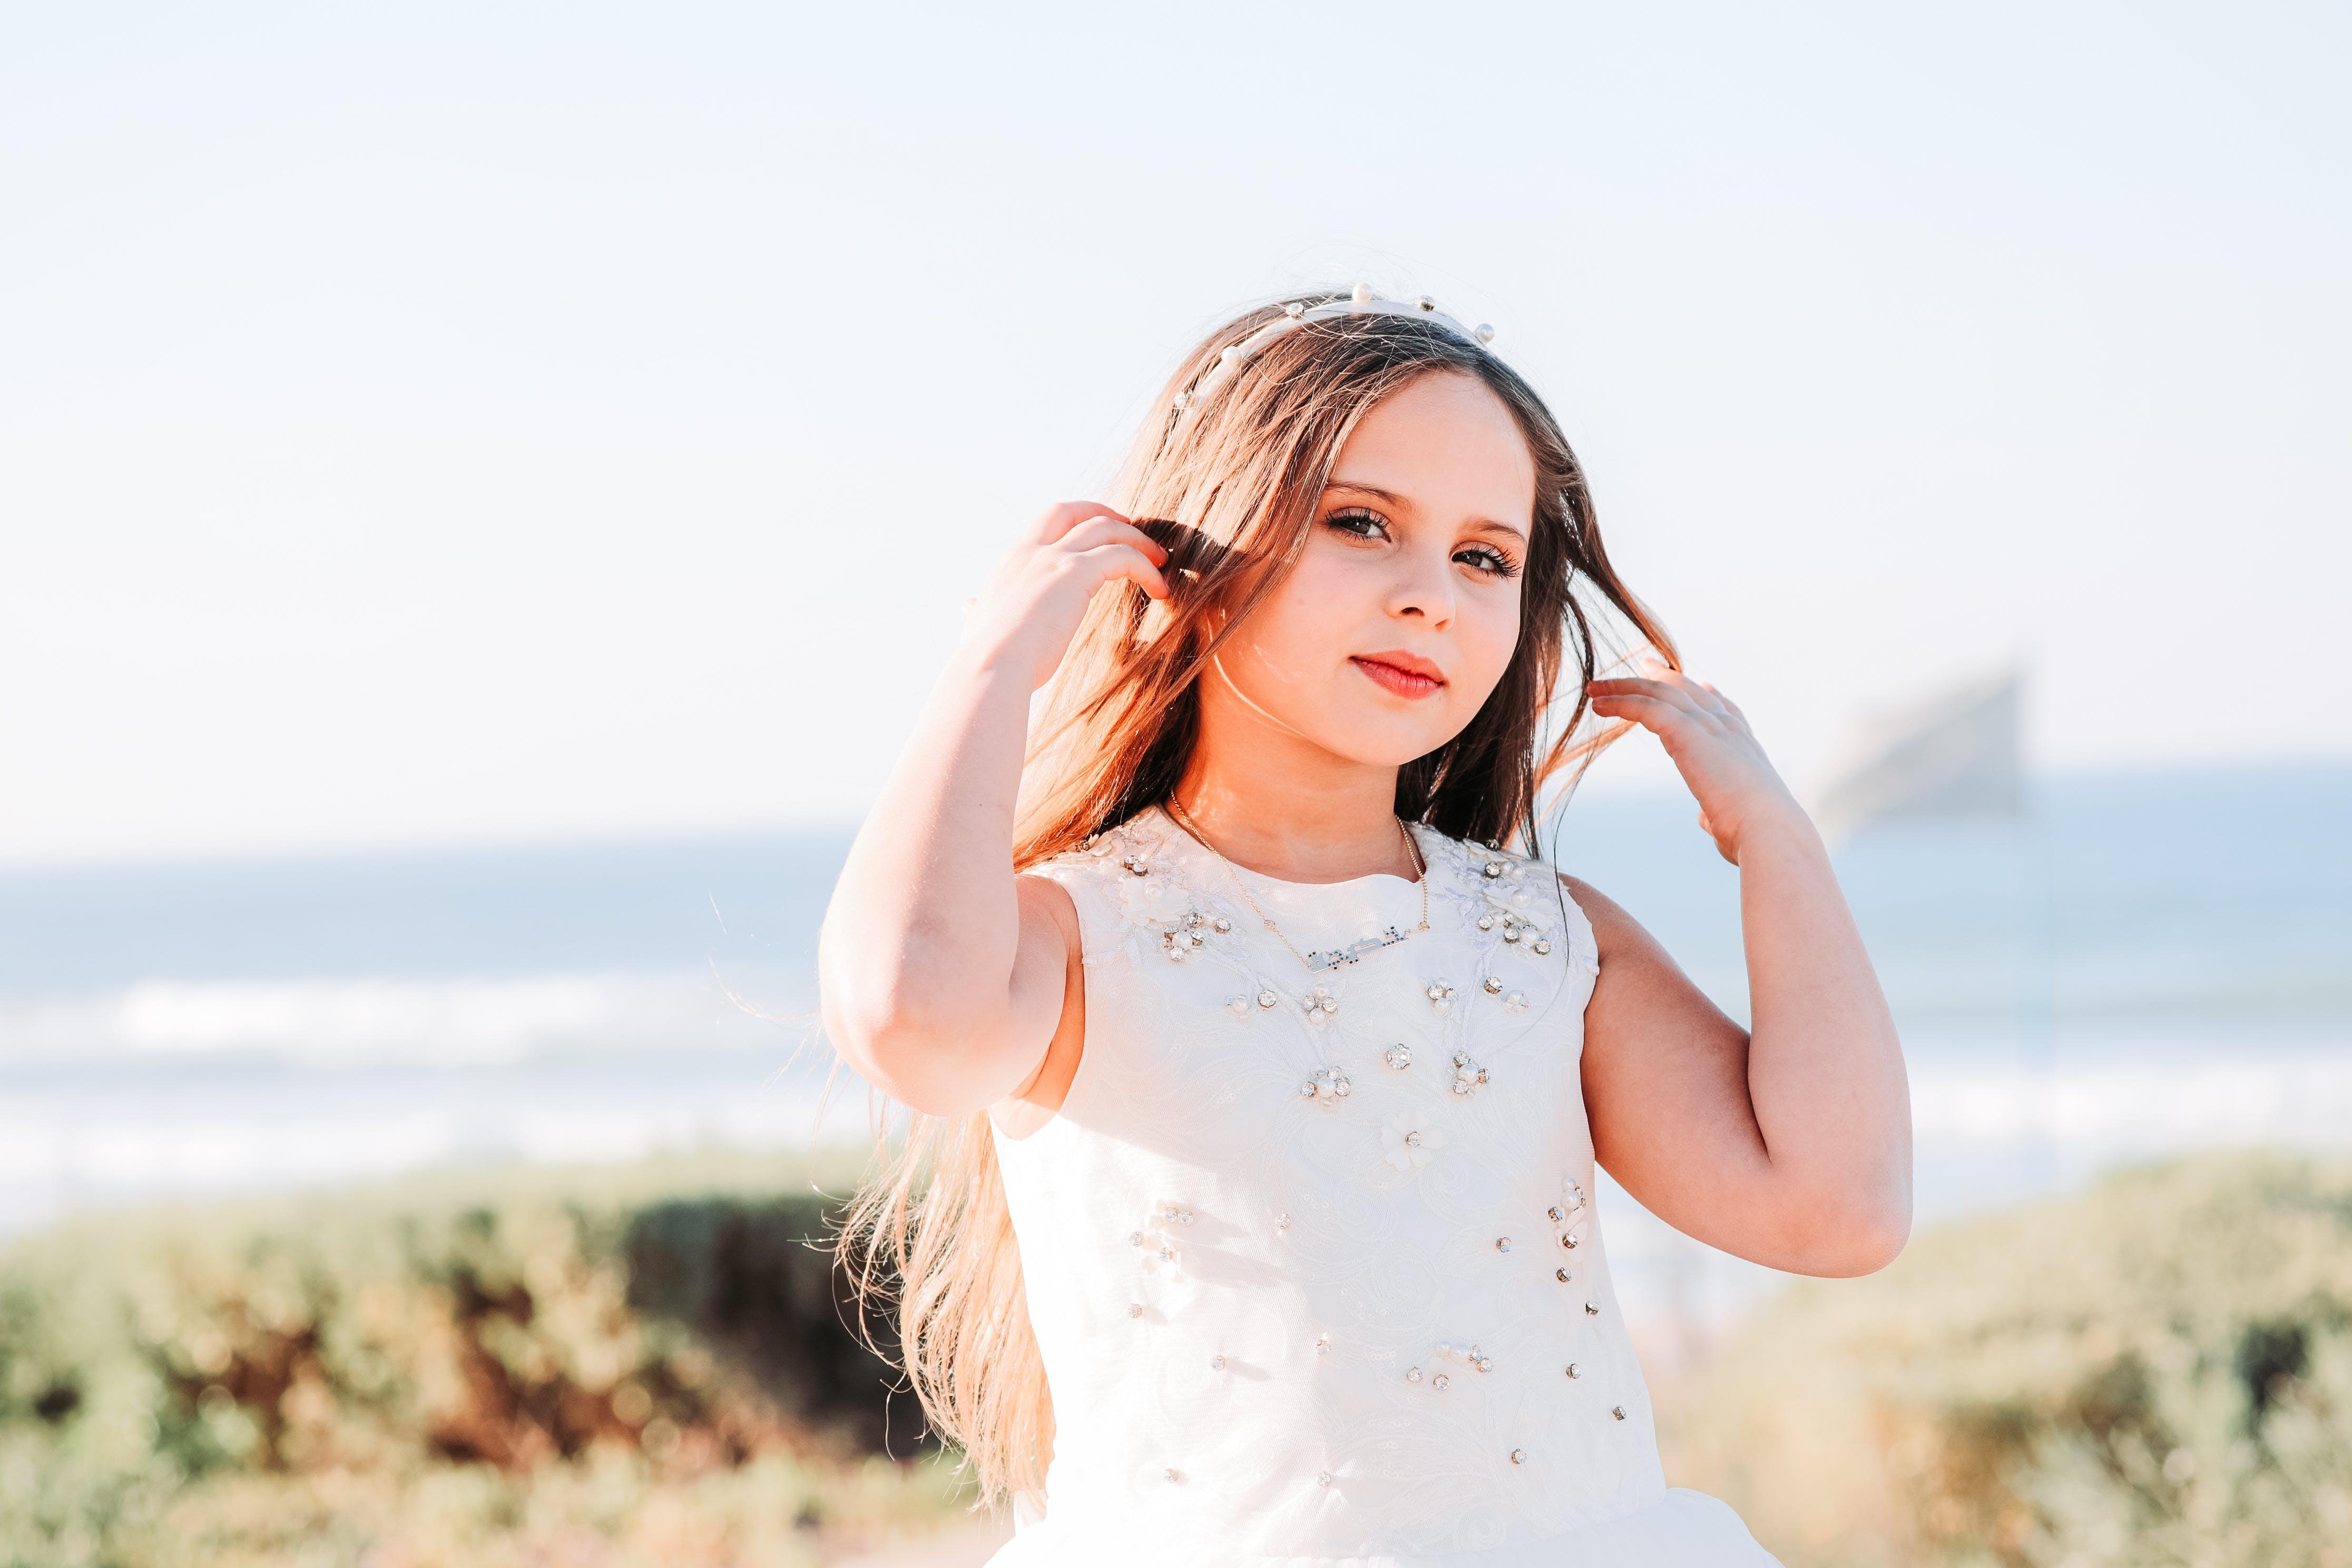 Immagine gratuita di adorabile, bambino, bella ragazza, bellissimo